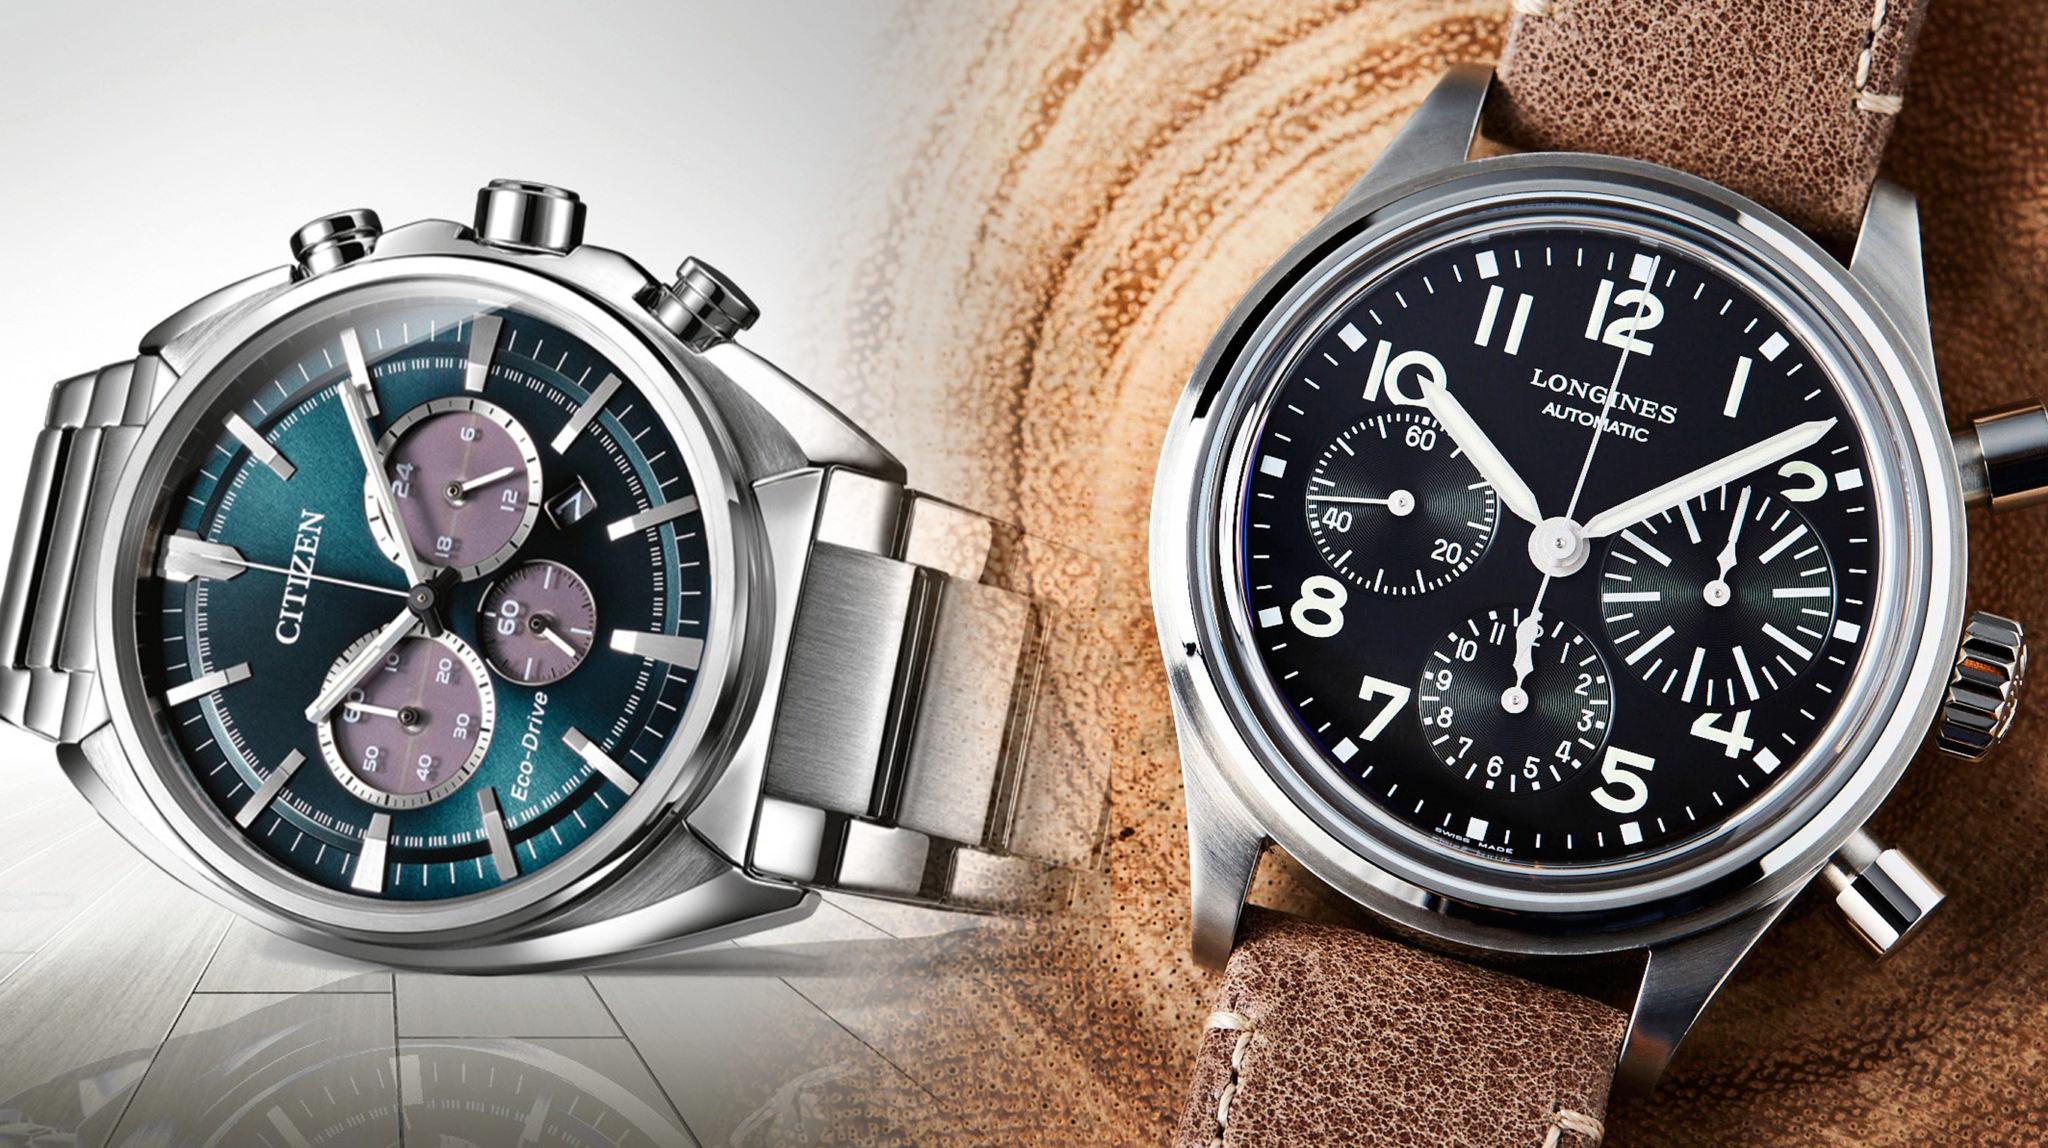 Kinh nghiệm mua đồng hồ nam : Cách chọn đồng hồ